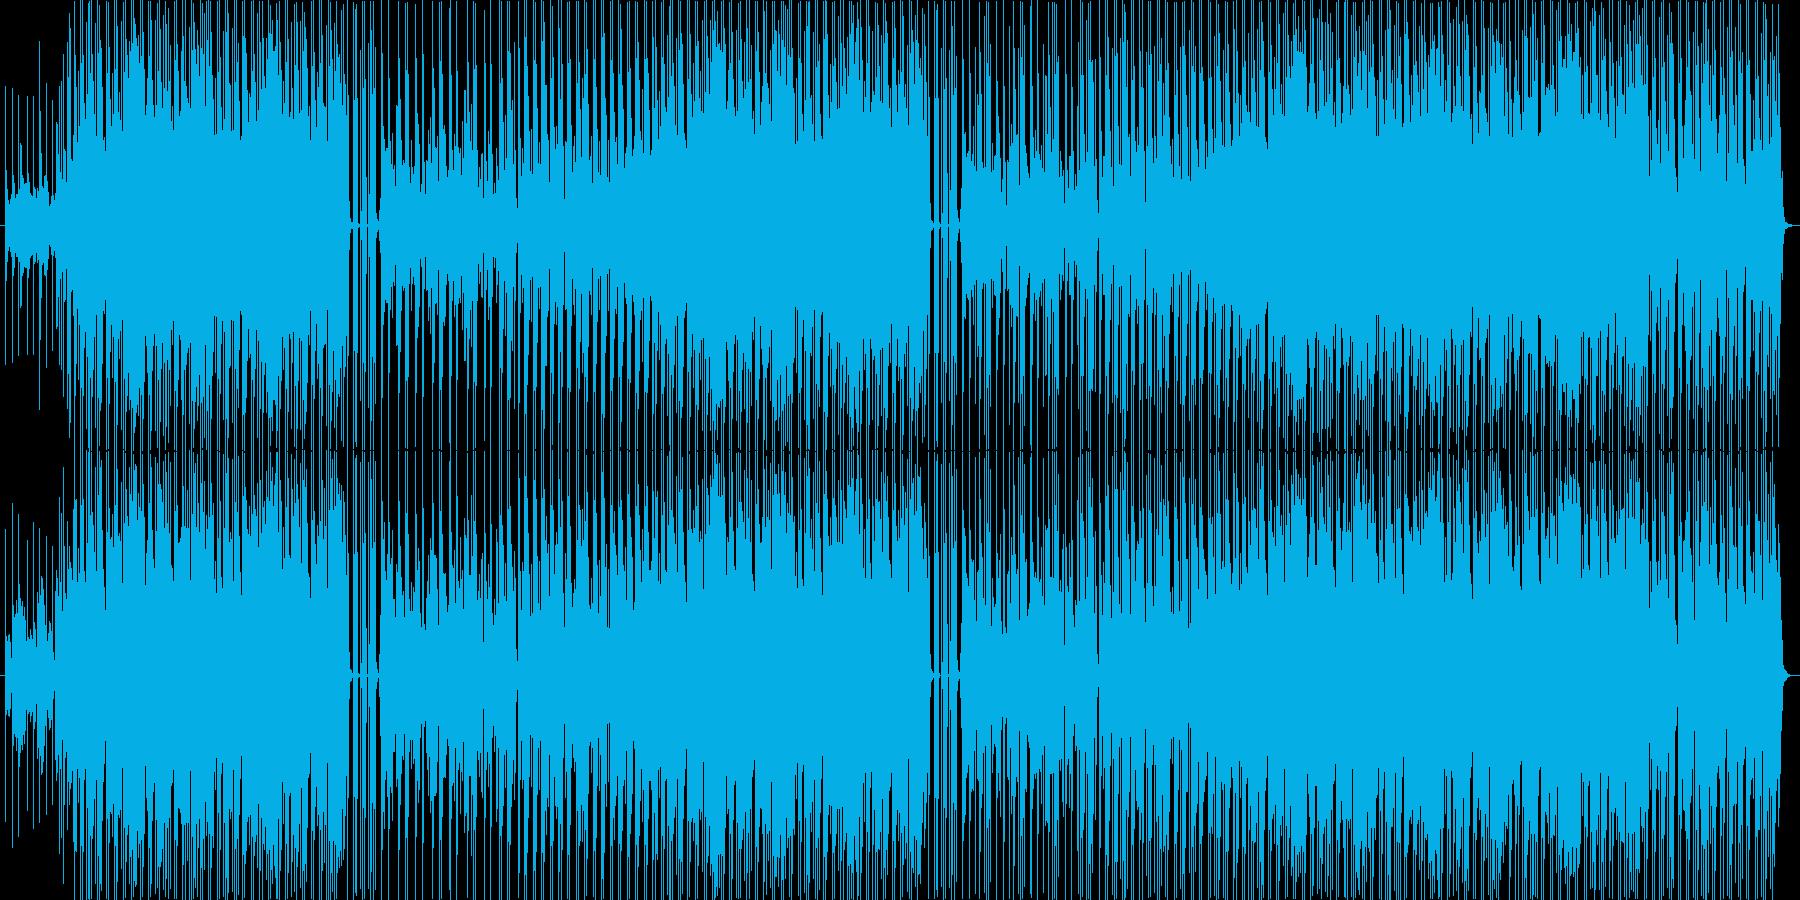 ポジティブな雰囲気のポップスBGMの再生済みの波形